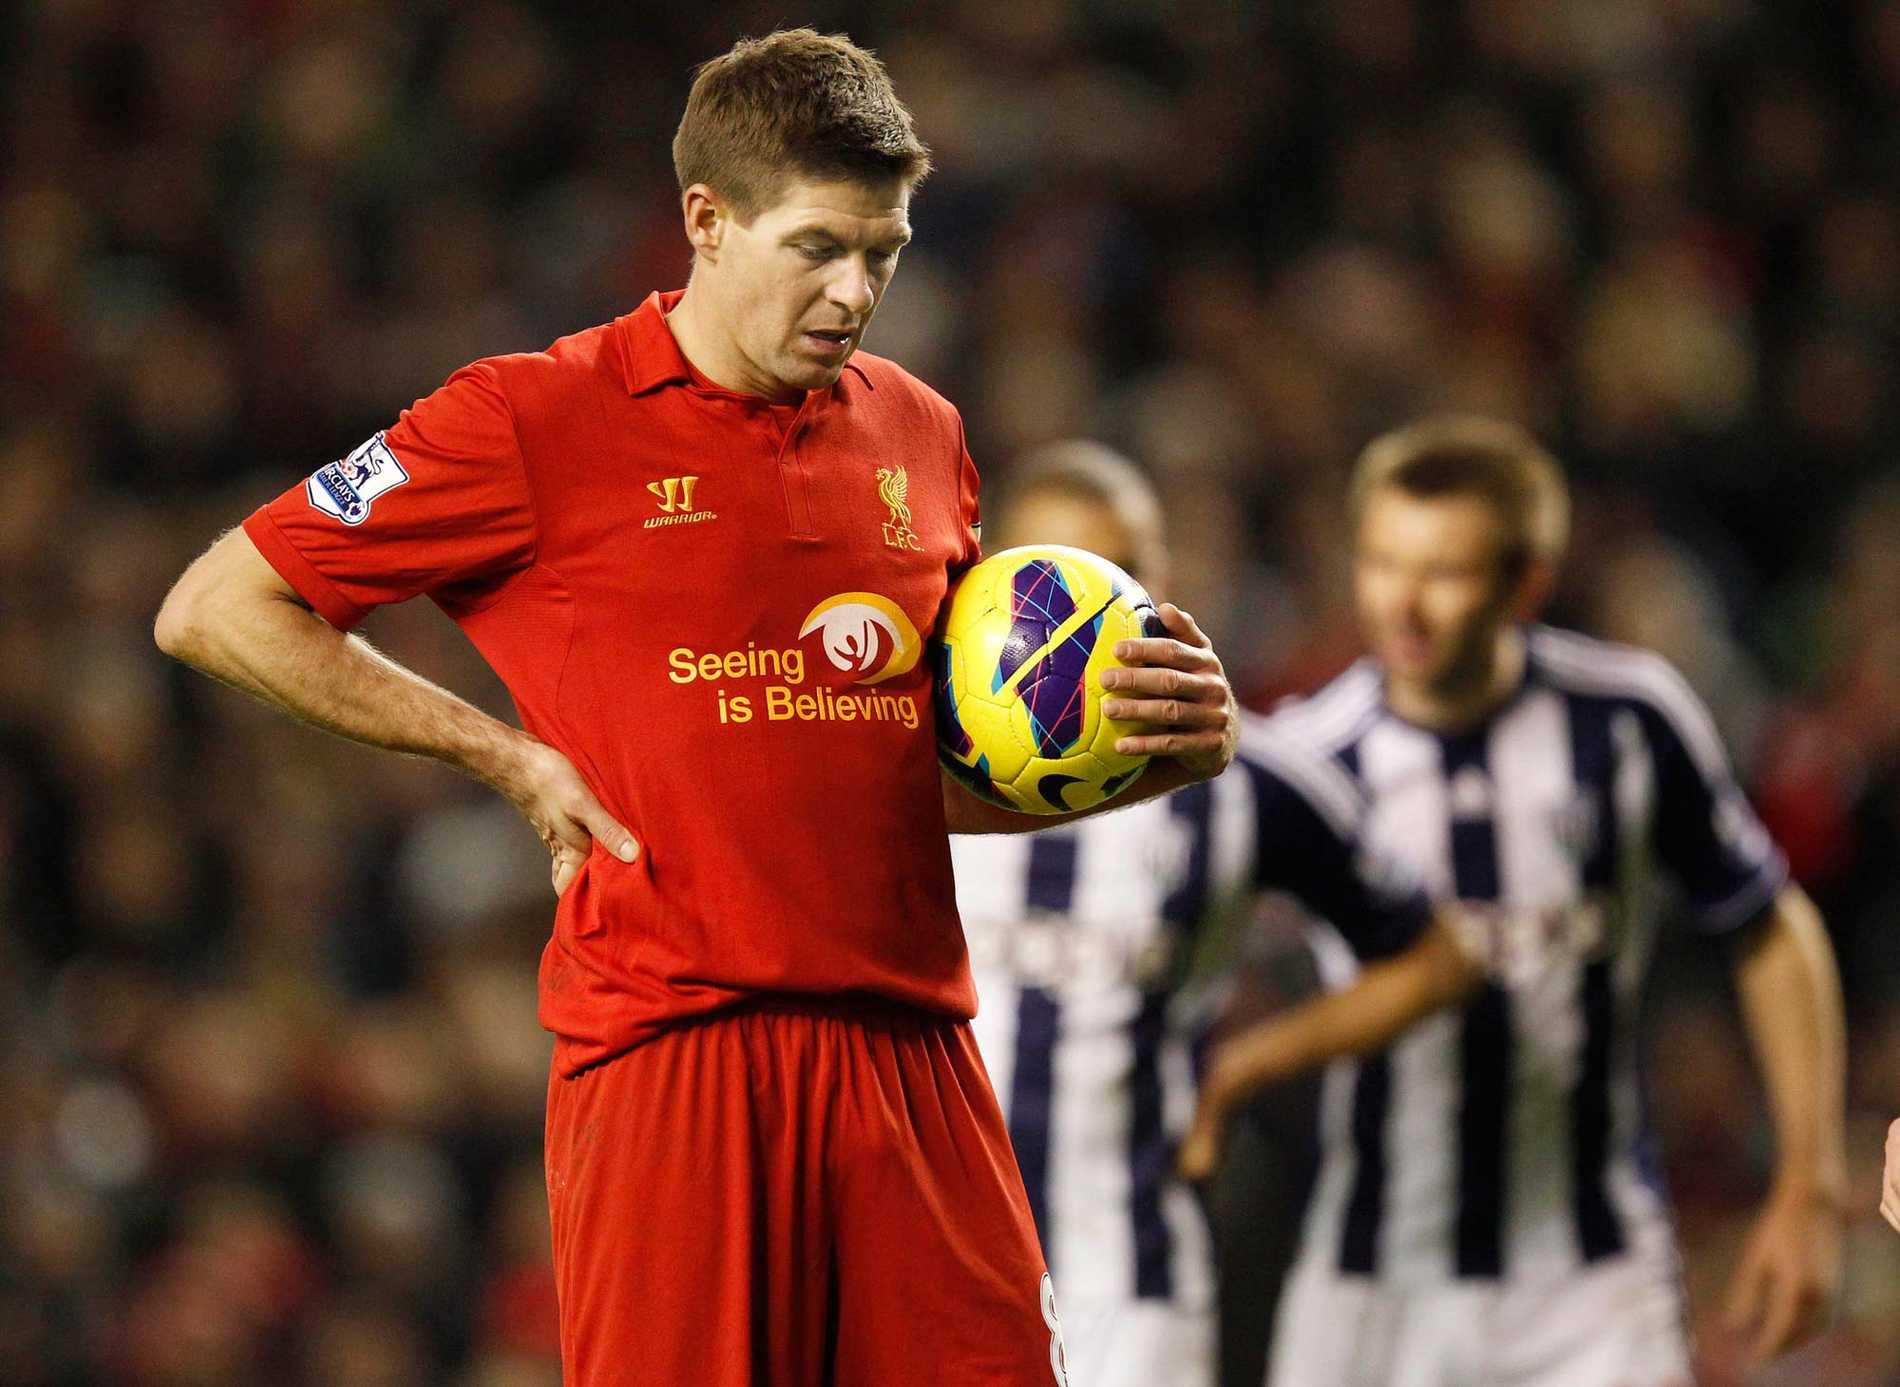 Steven Gerrard och hans lagkamrater i Liverpool får det tufft att behålla ledningen i Premier League enligt oddssättarna.